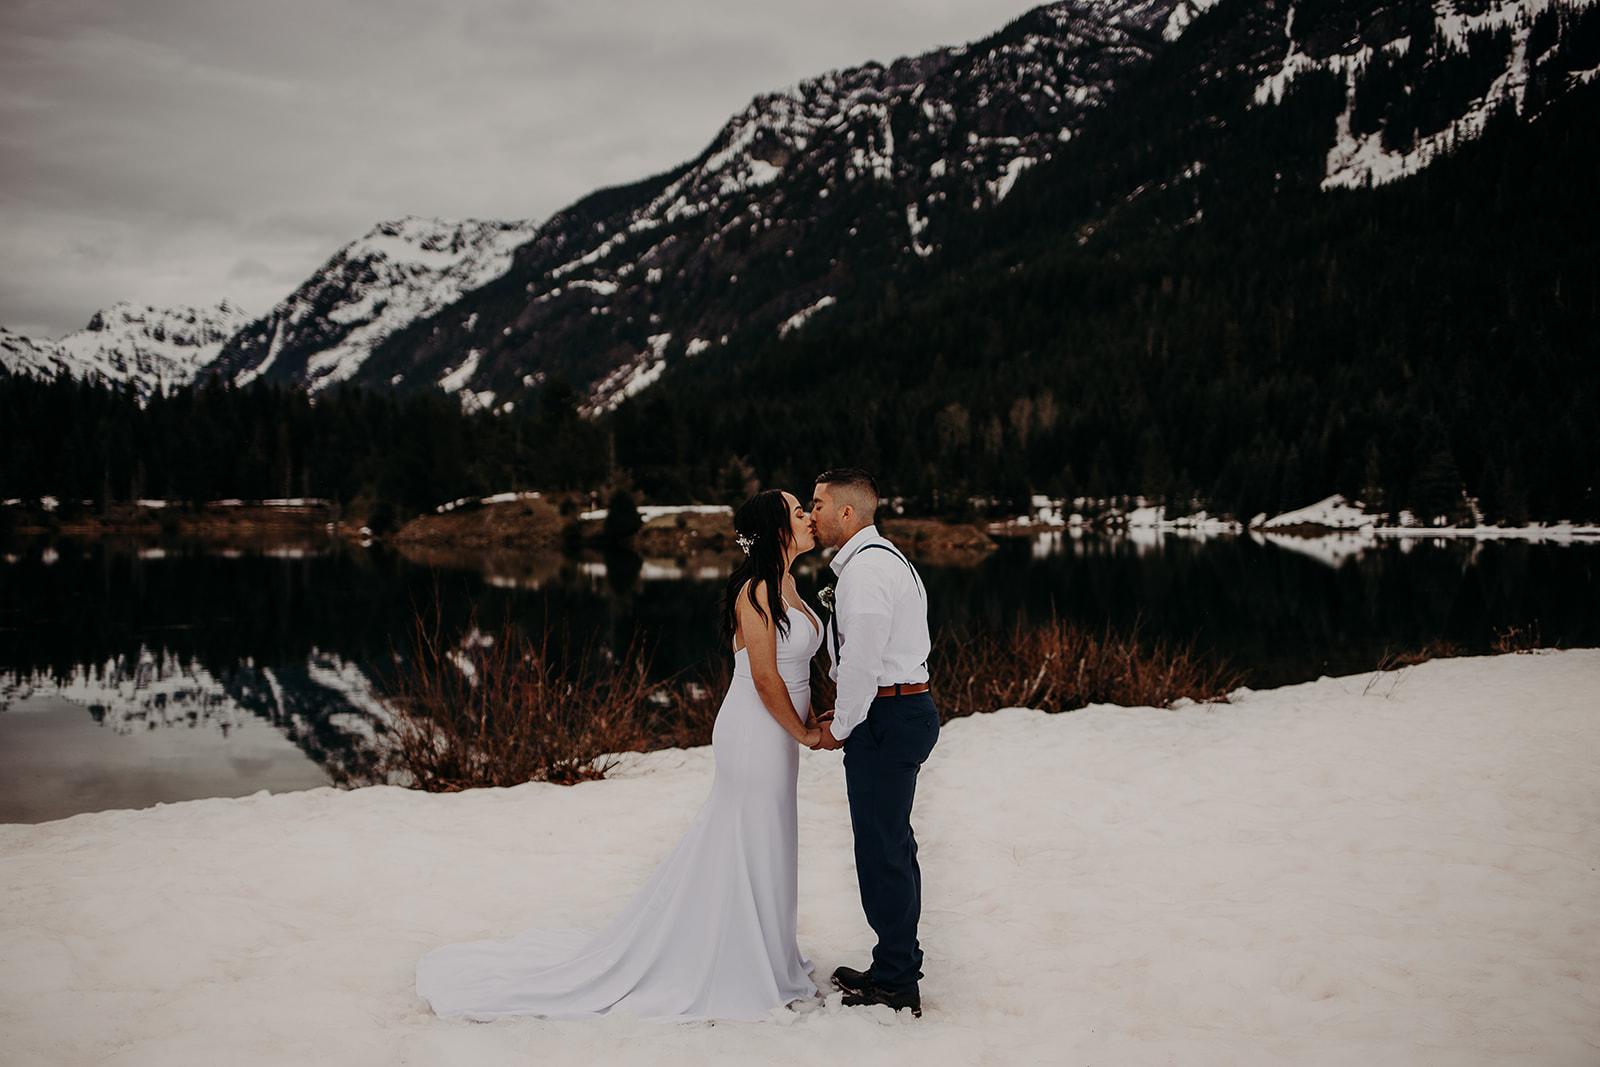 winter-mountain-elopement-asheville-wedding-photographer-megan-gallagher-photographer (40).jpg